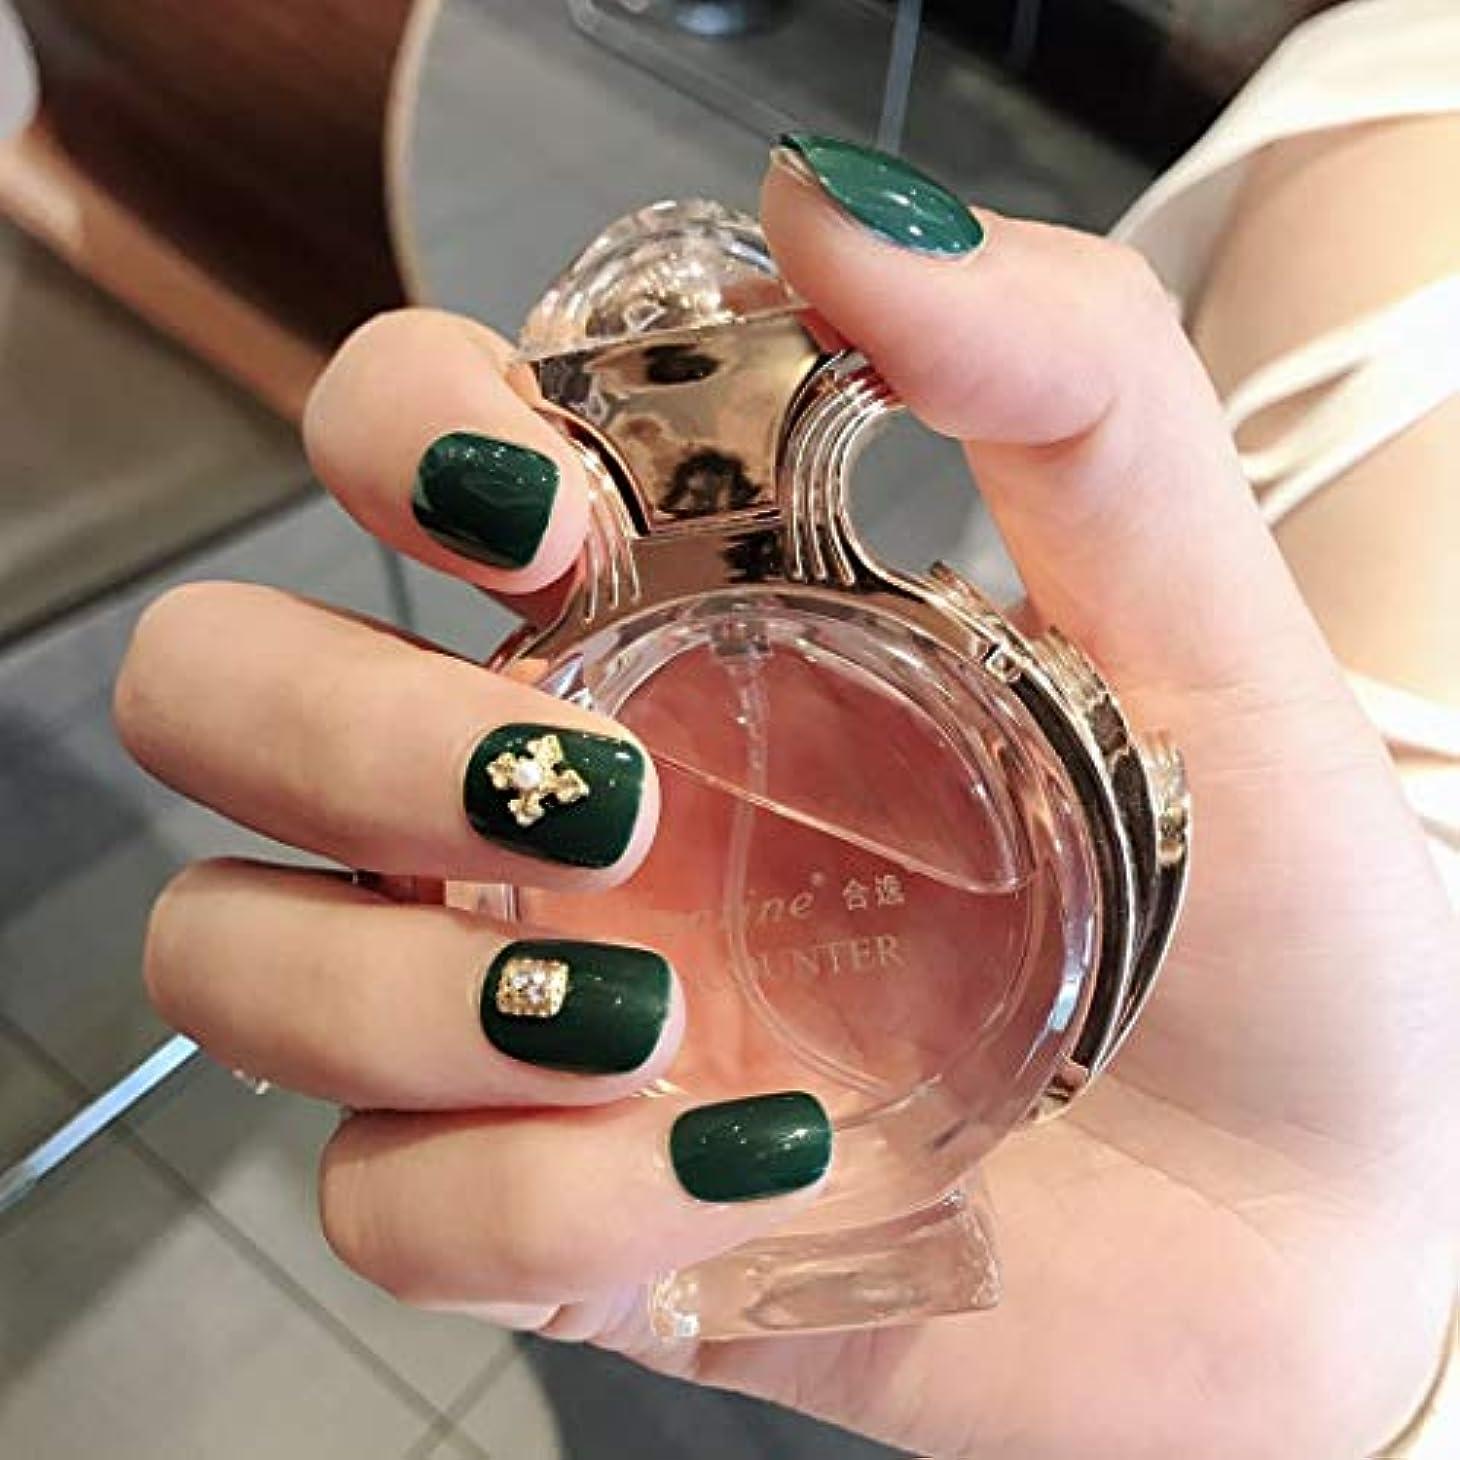 軍昆虫プロペラDARLE HOME ネイルチップ つけ爪 付け爪 つけ方簡単 ネイル デコネイルコレクション シール ハロウィン 母の日 パーティ 人気 毎日変身 24枚セット